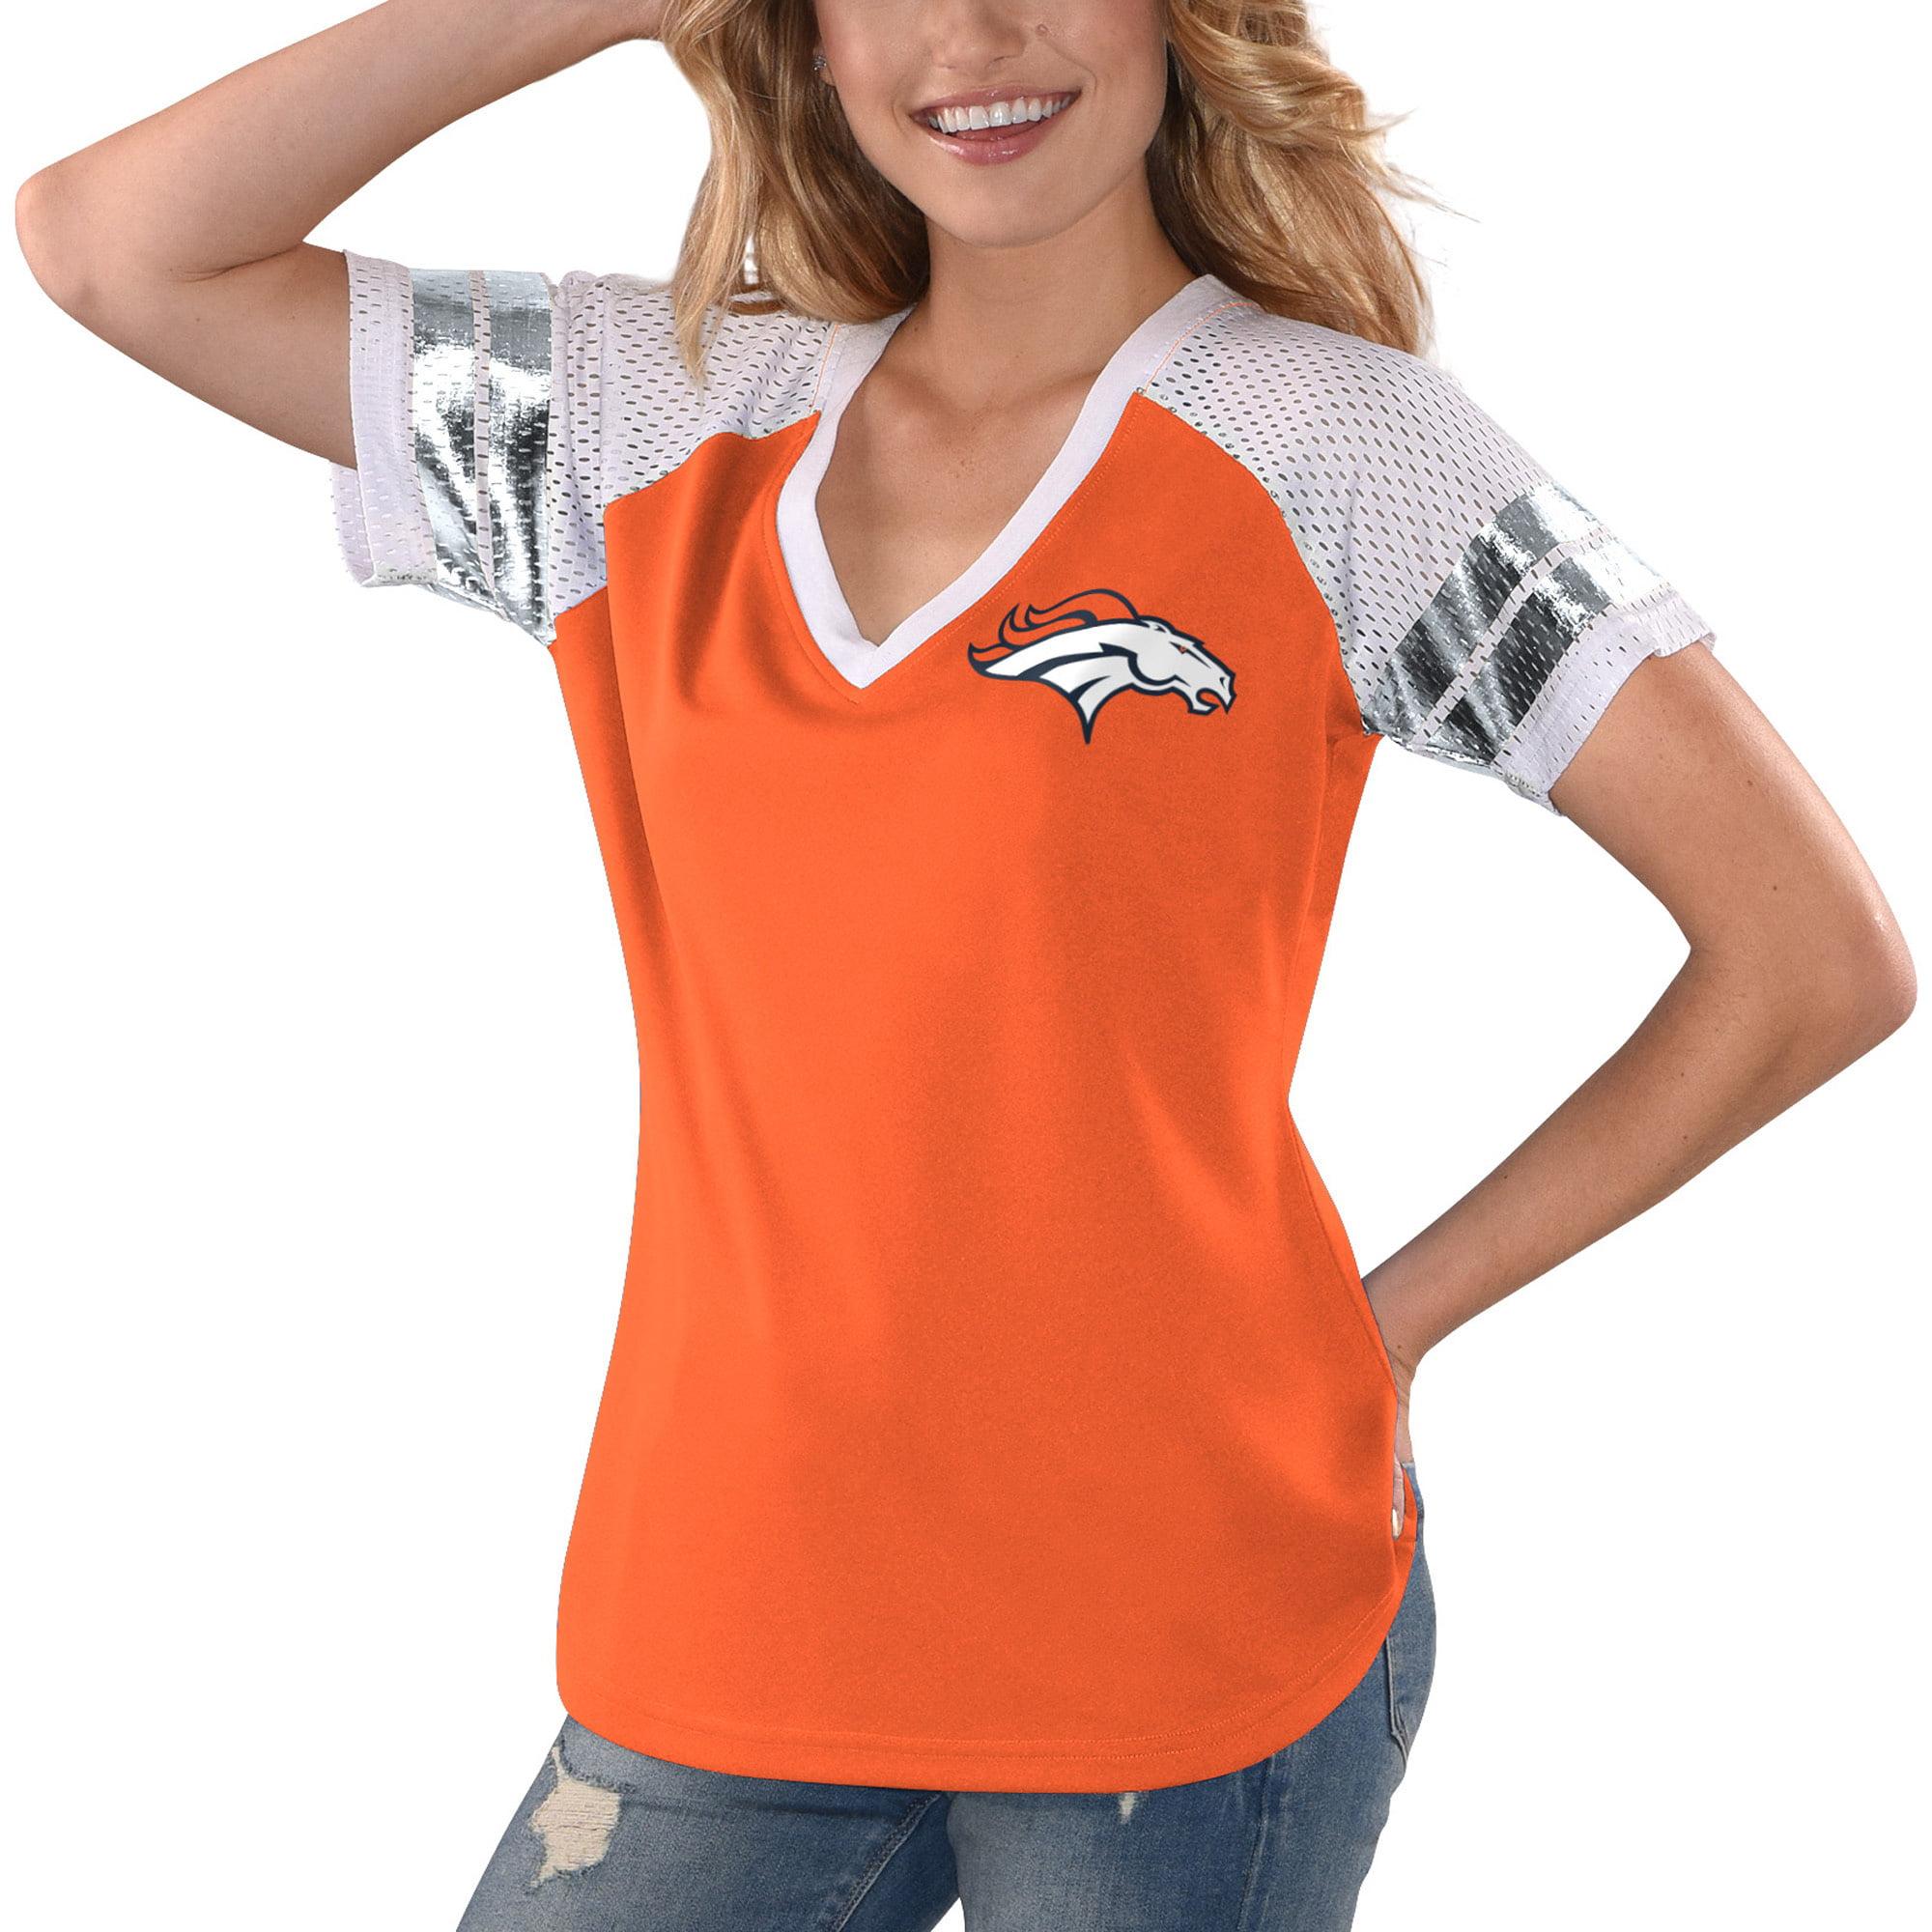 90951ddc Denver Broncos G-III 4Her by Carl Banks Women's All Star V-Neck T-Shirt -  Orange/White